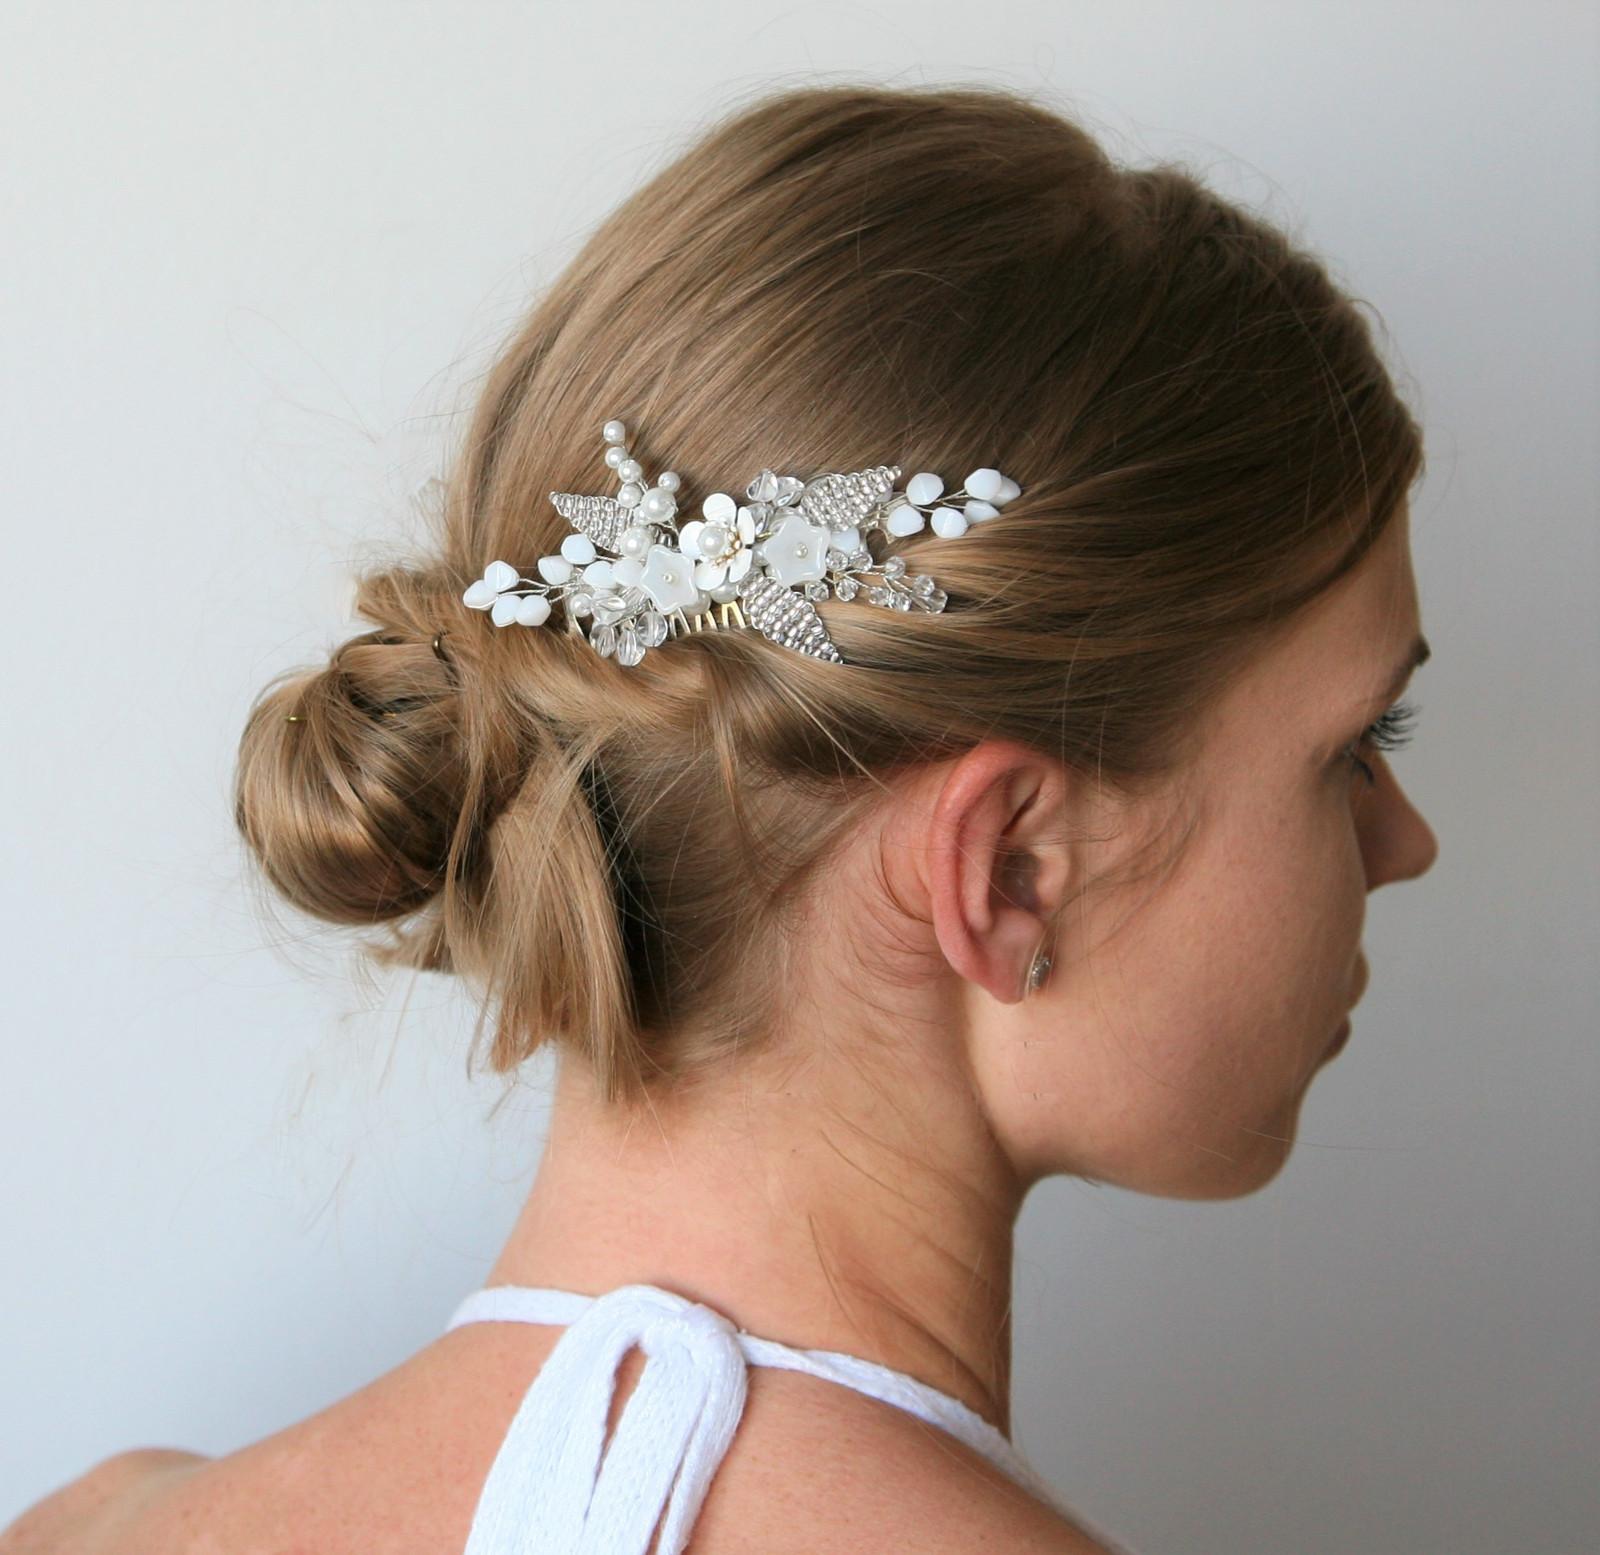 Hřebínek do vlasů - Laura   Zboží prodejce Beauticon  7f02684c6c